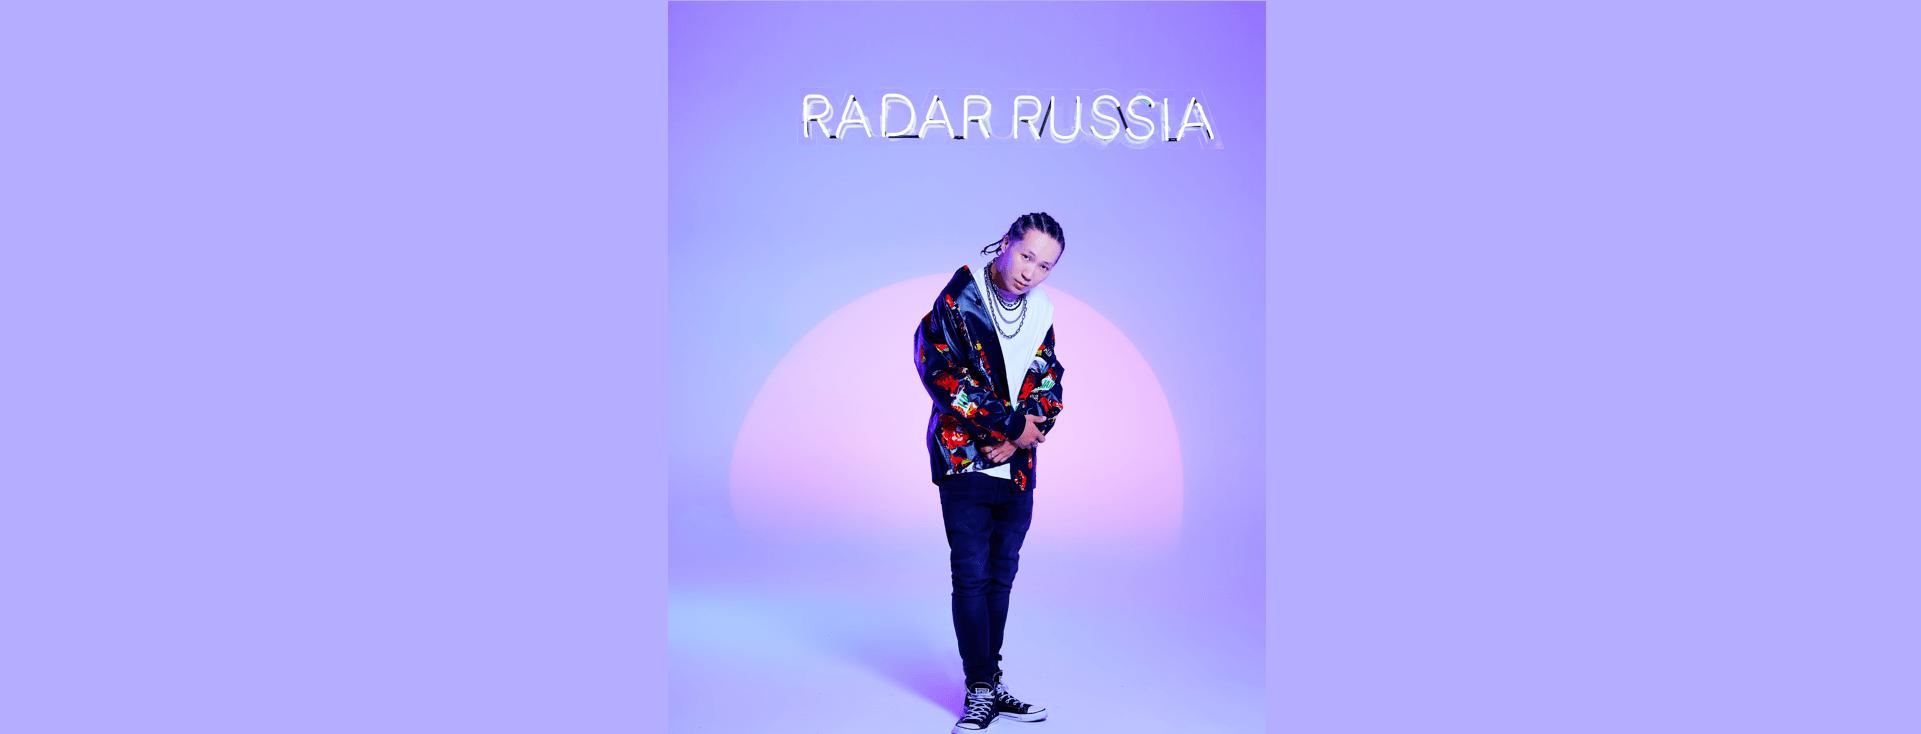 spotify radar russia